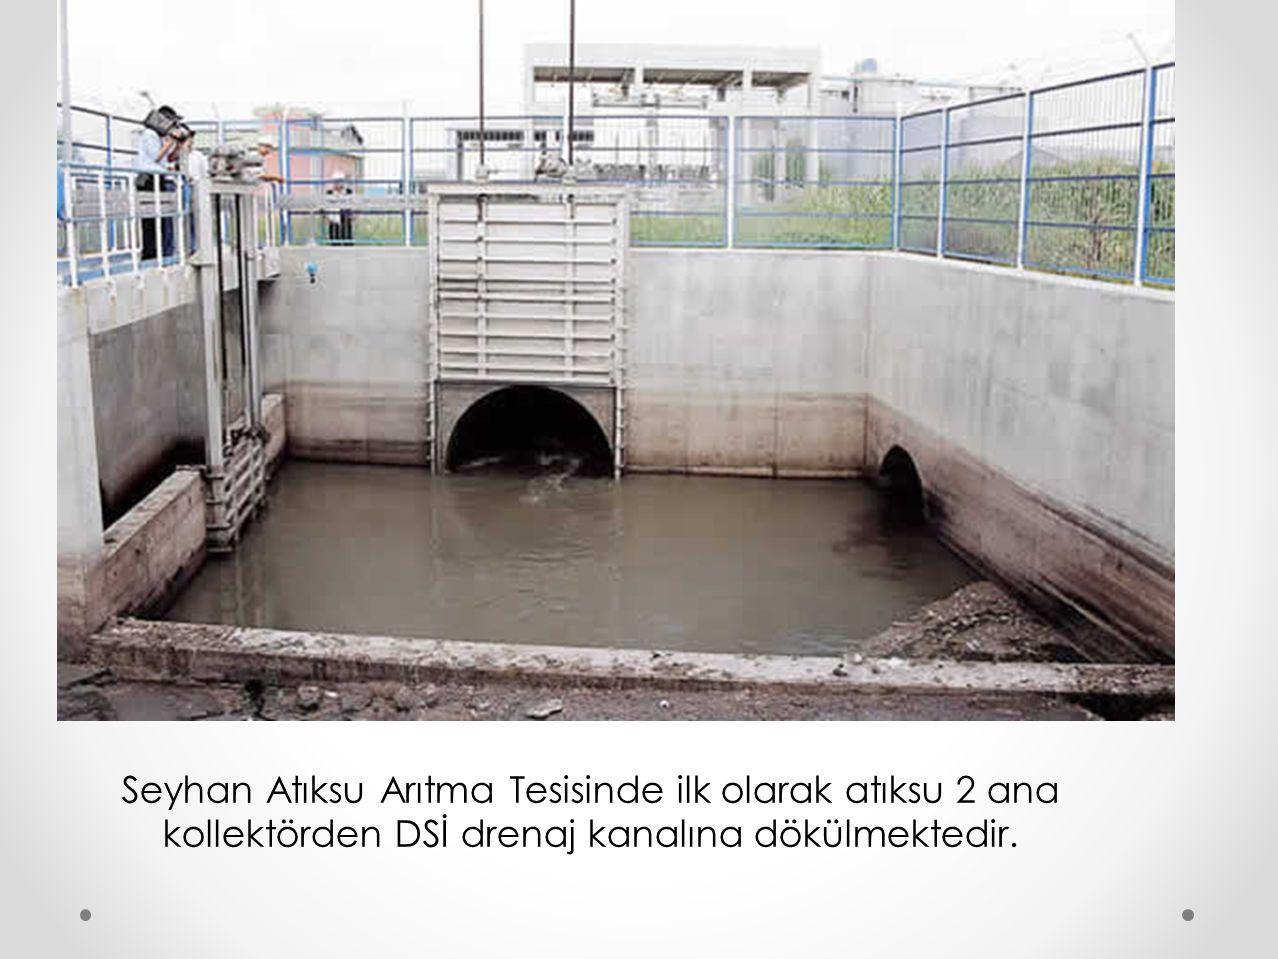 Seyhan Atıksu Arıtma Tesisinde ilk olarak atıksu 2 ana kollektörden DSİ drenaj kanalına dökülmektedir.